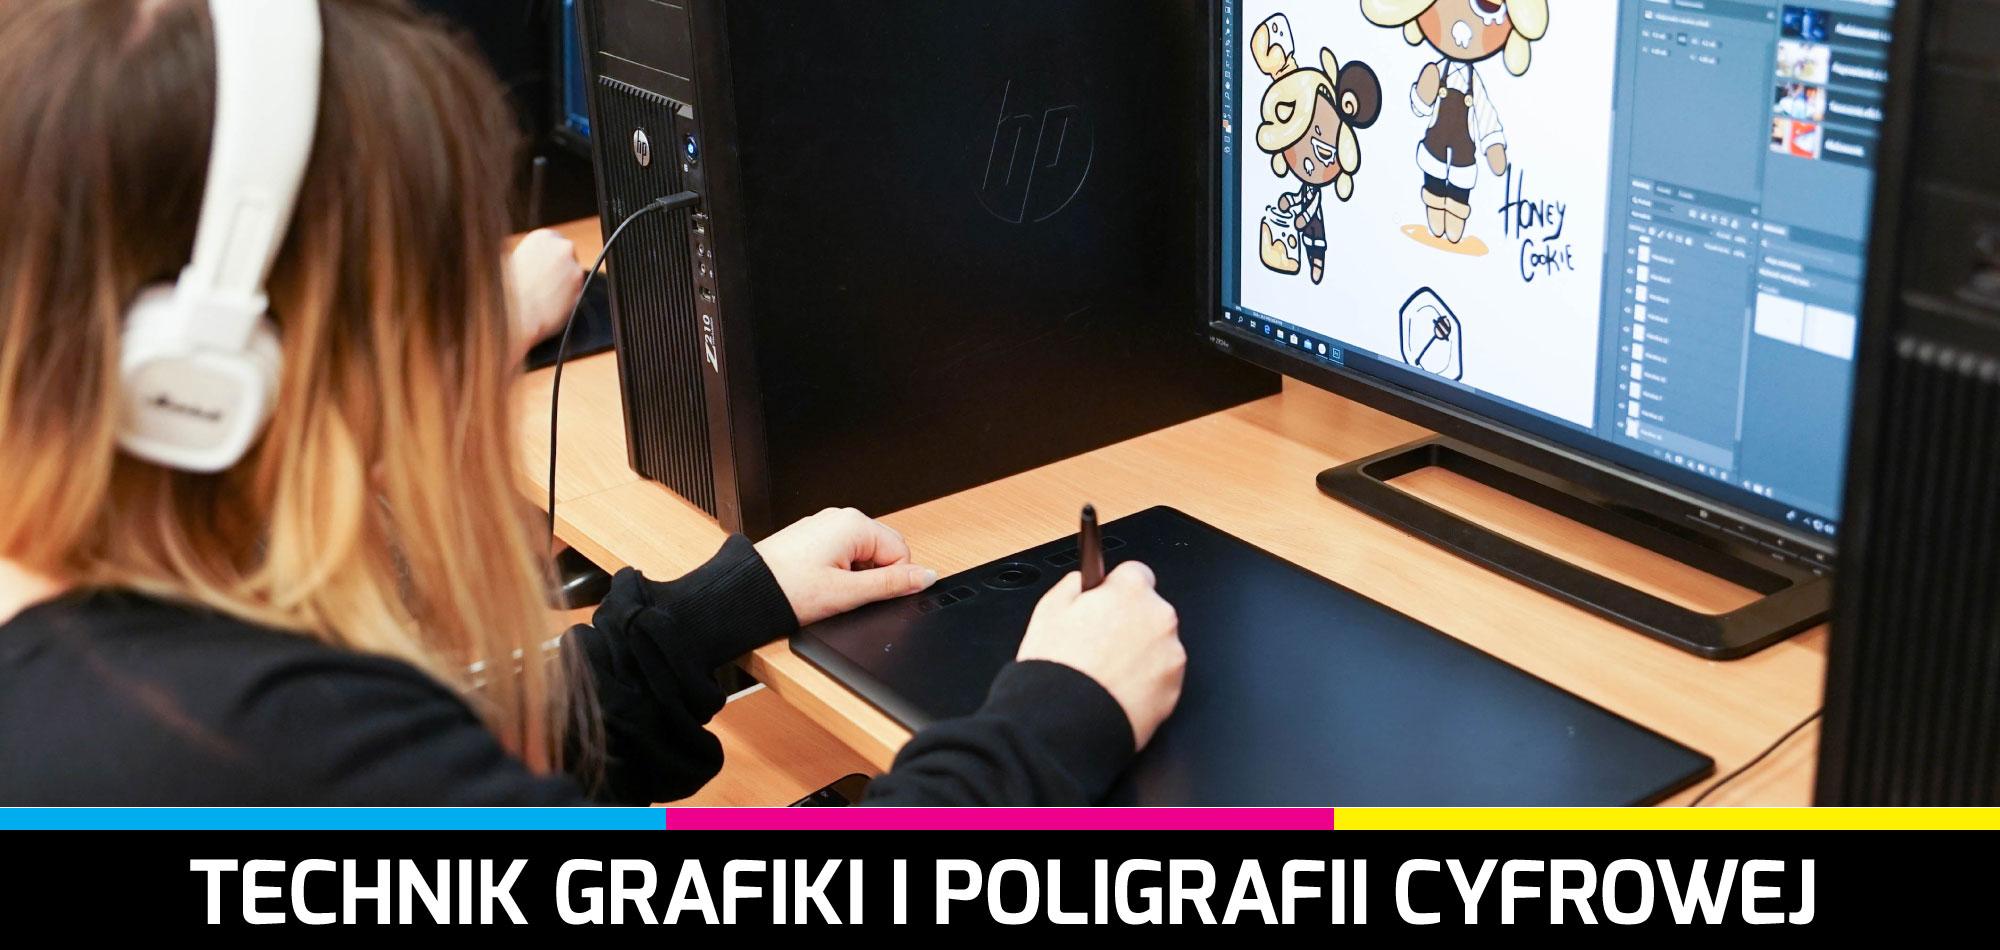 Technik grafiki ipoligrafii cyfrowej | Technikum Nr1 wZamościu